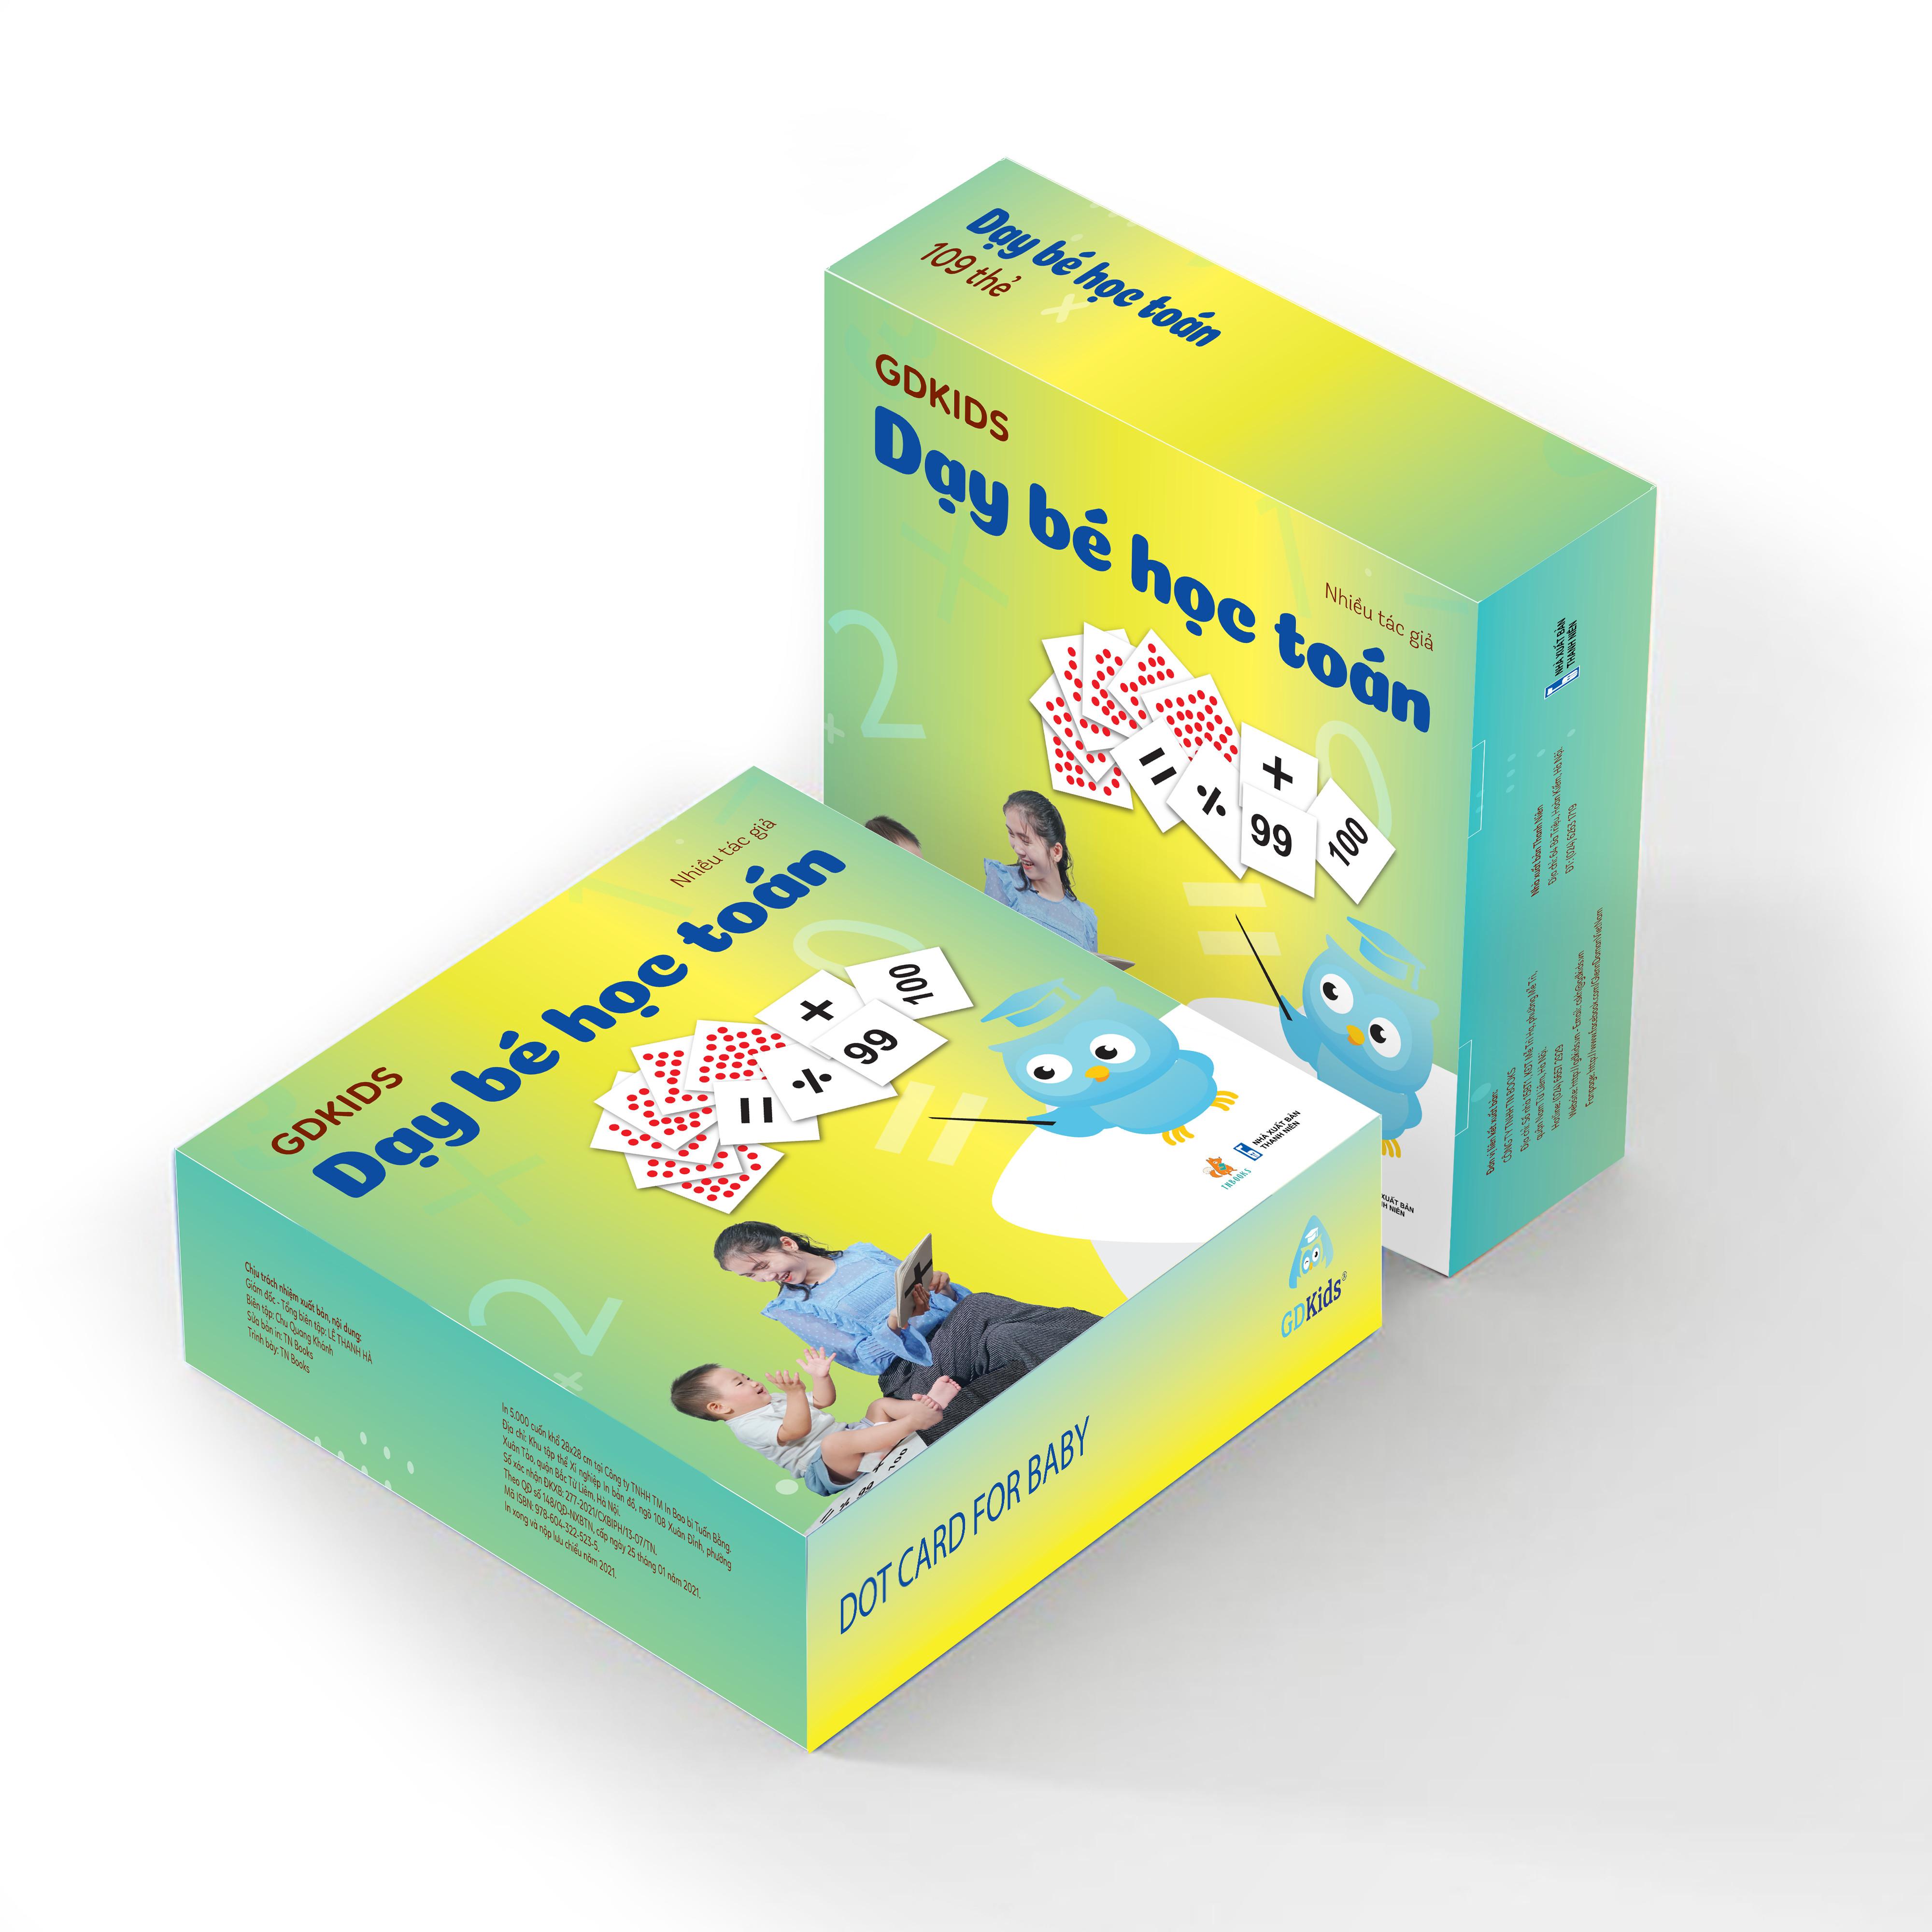 GDKids - Dạy Trẻ Học Toán Glenn Doman (59 Thẻ Flashcards)